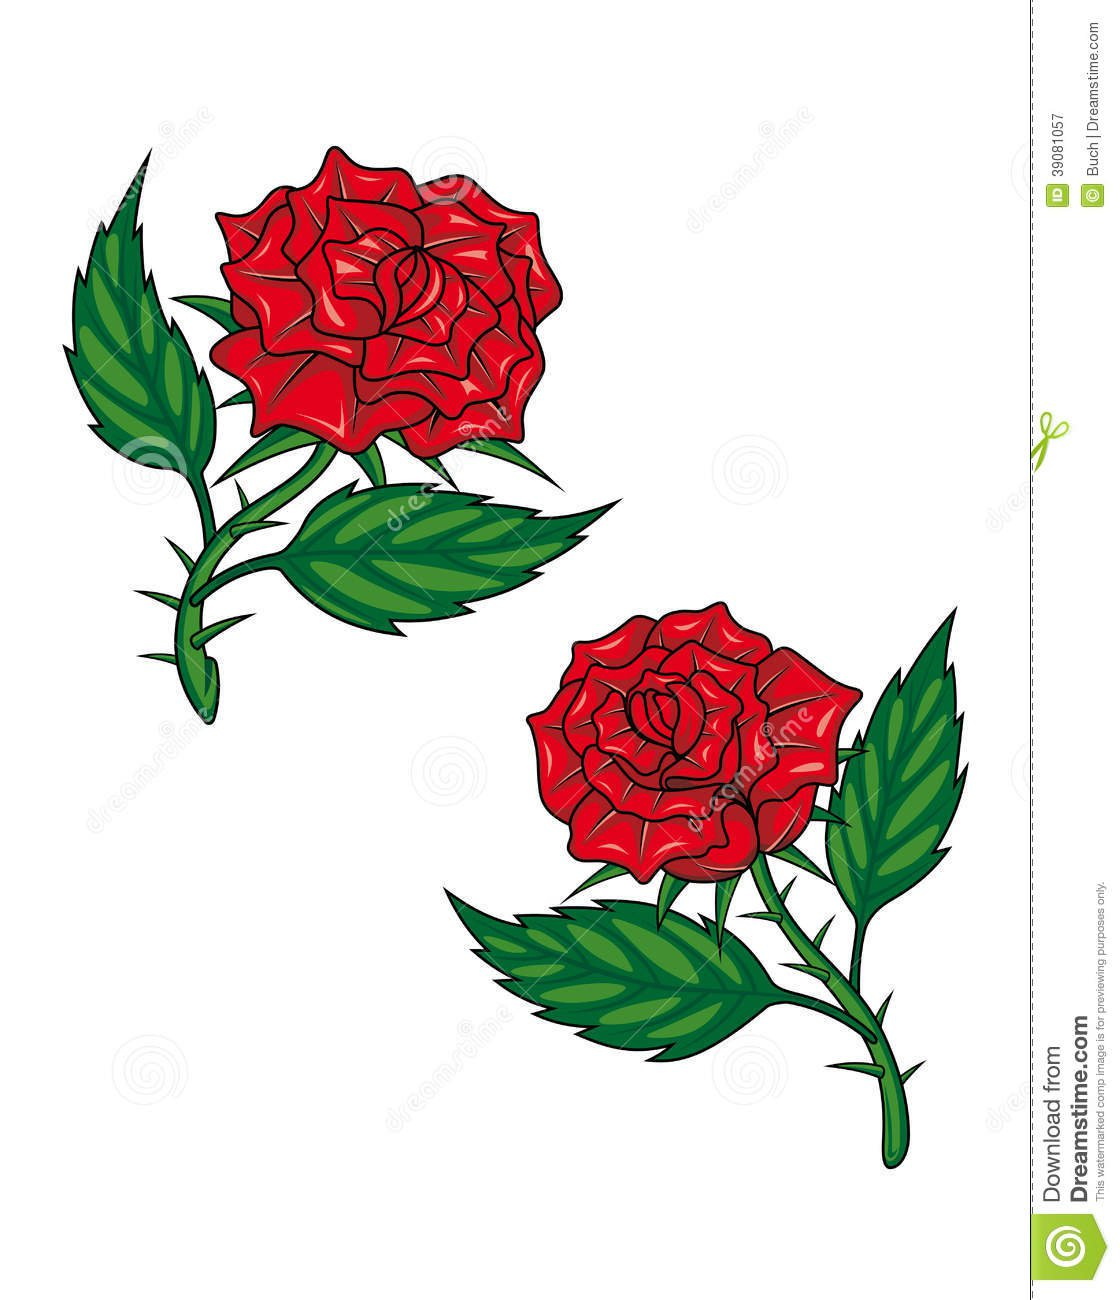 Duas Rosas Vermelhas Dos Desenhos Animados Ilustração Do Vetor